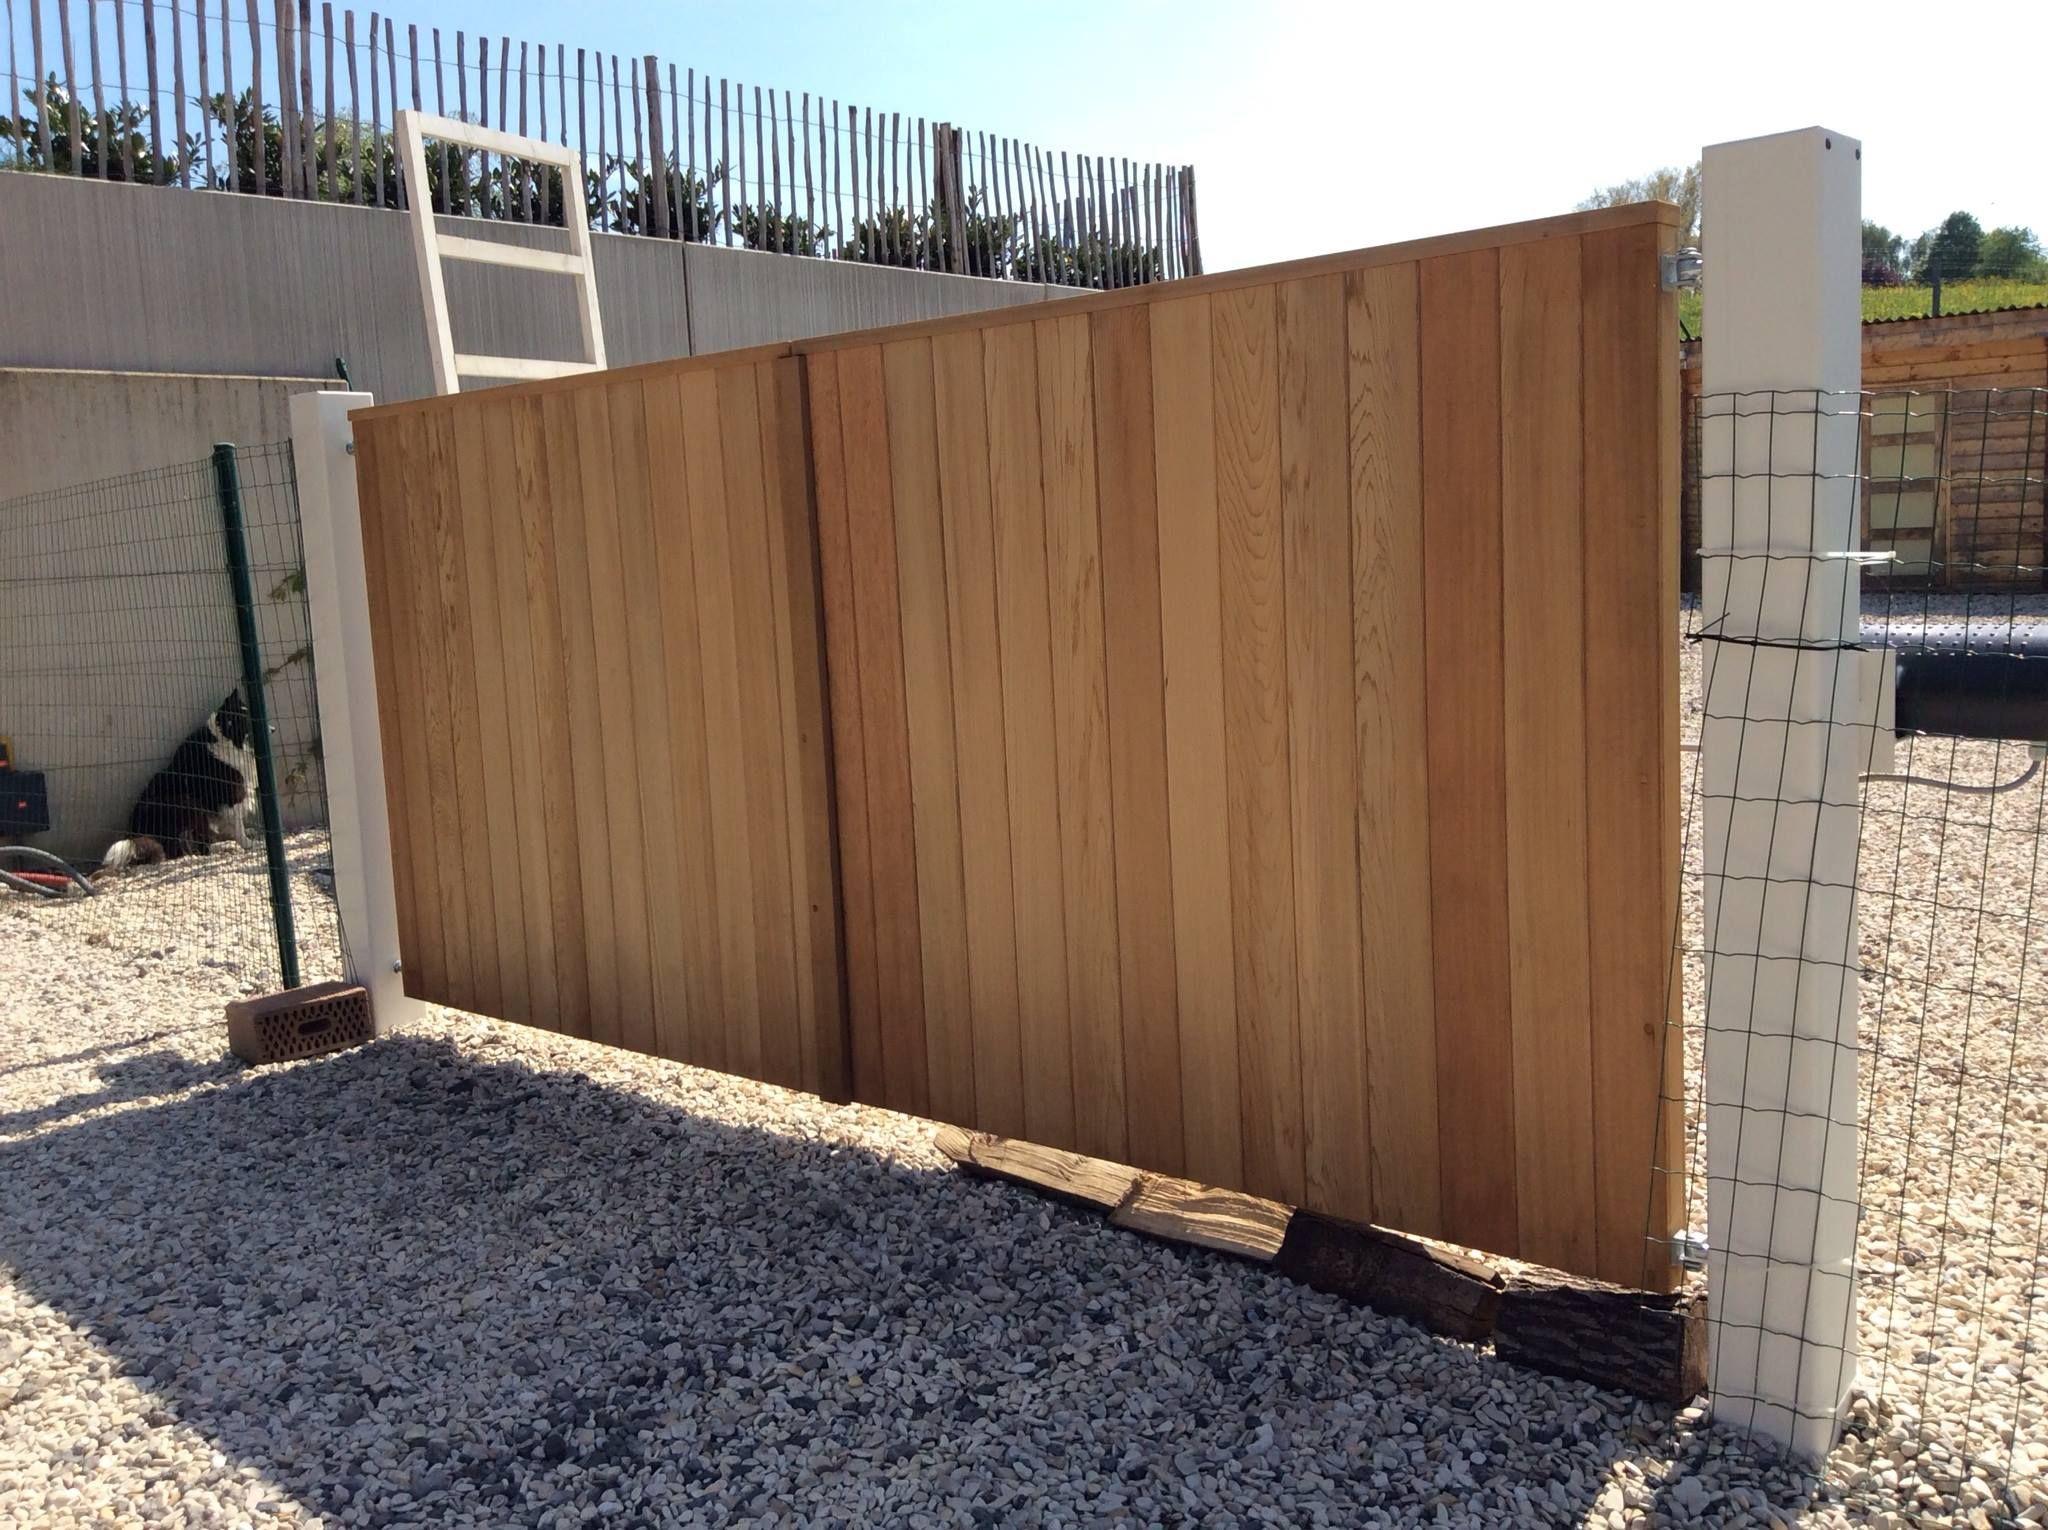 portail bois et cadre acier cach tori portails jardin pinterest portail bois portail. Black Bedroom Furniture Sets. Home Design Ideas